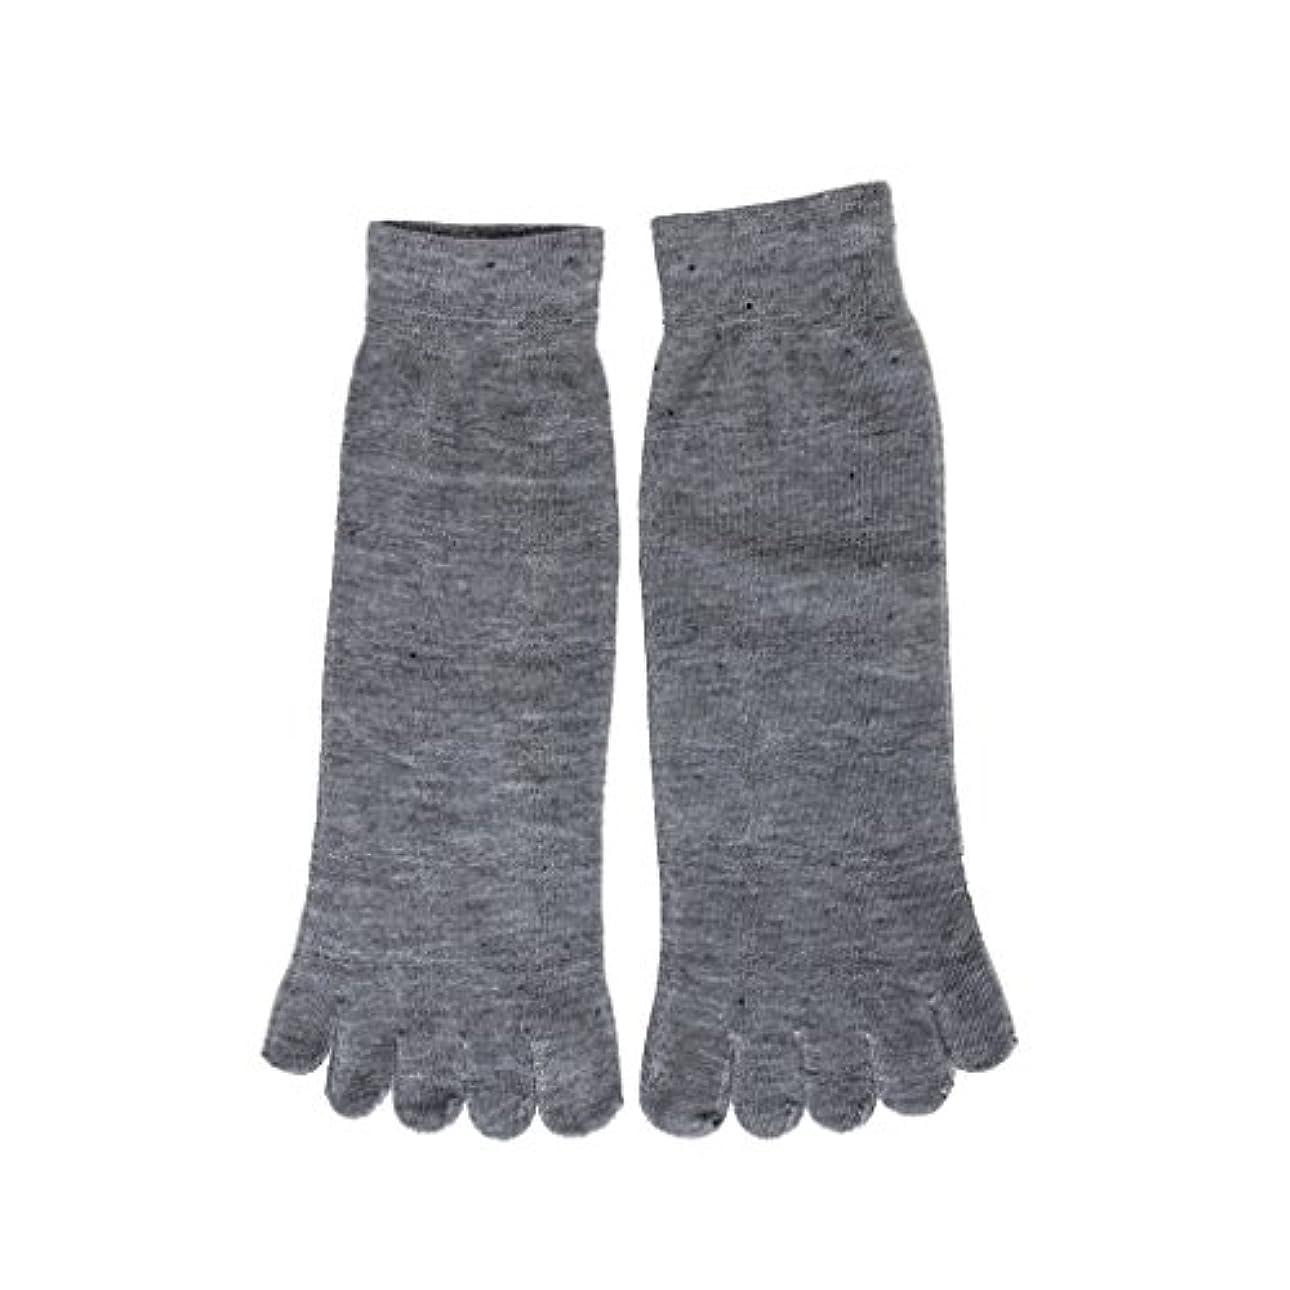 うっかりキーエミュレートする【Footful】ソックス 靴下 くつ下 五本指ソックス サポートソックス 全4色 (ライトグレー)